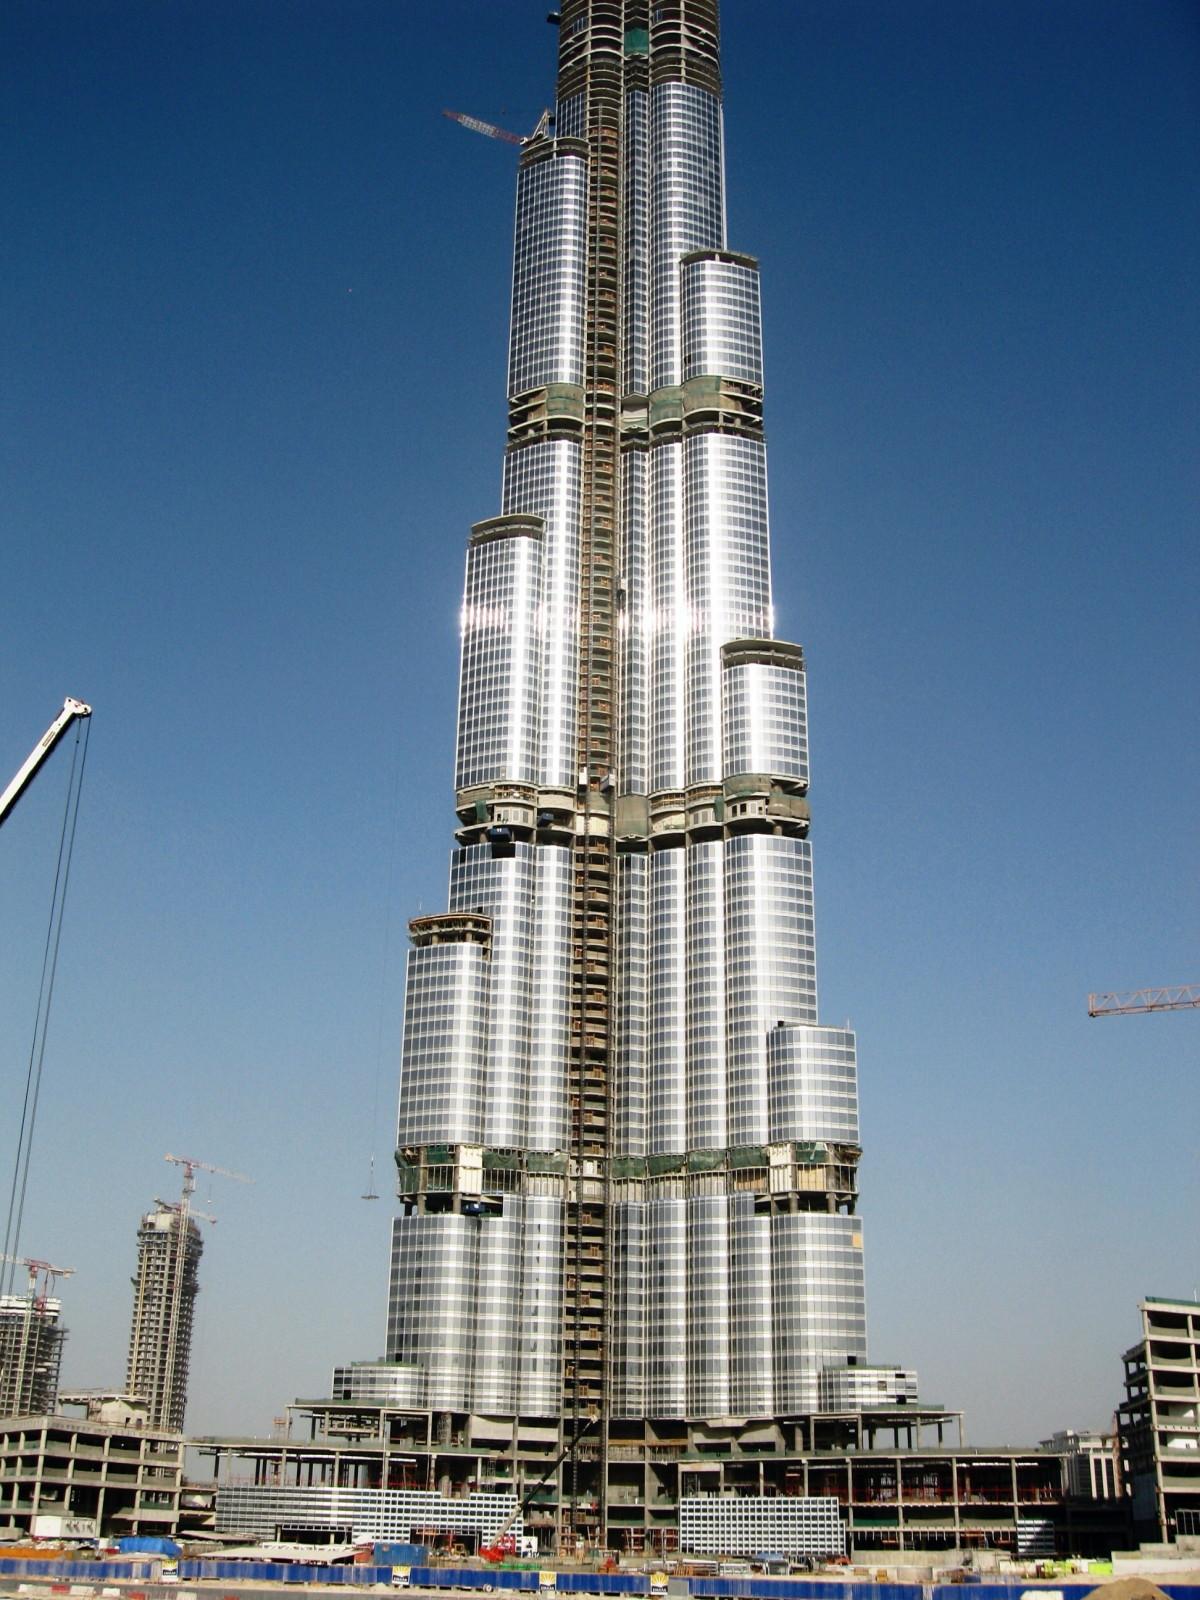 http://1.bp.blogspot.com/-eDRoHoSpmNY/Tc4TK-RiPdI/AAAAAAAACig/0cHb82iMMi4/s1600/Burj_Dubai+%252811%2529.jpeg